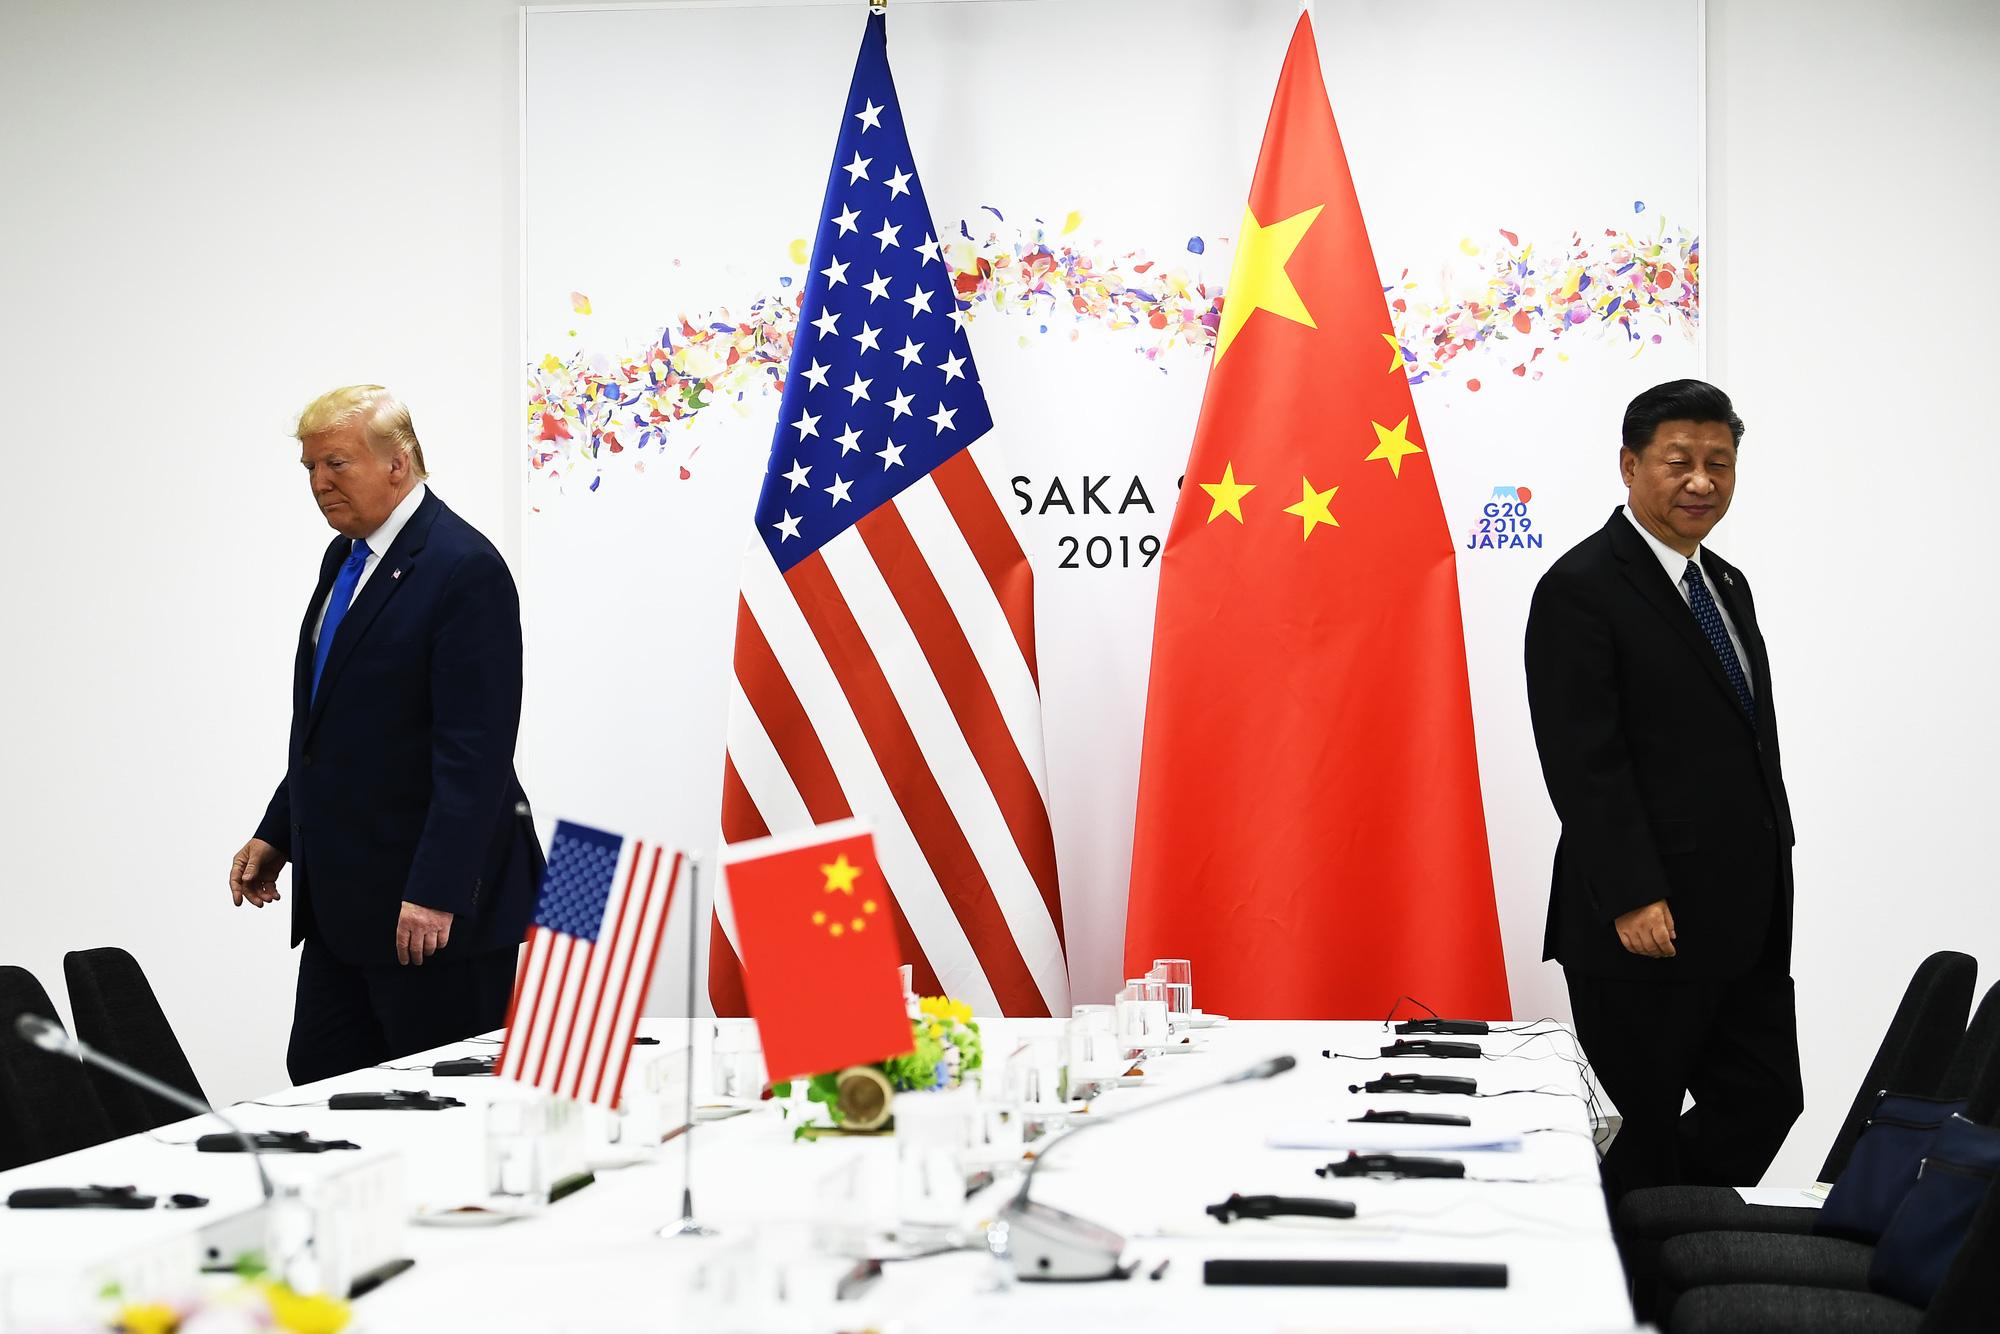 Jack Ma ủng hộ 500.000 kit xét nghiệm và 1 triệu khẩu trang giúp Mỹ ngăn ngừa đại dịch Covid-19 - Ảnh 2.